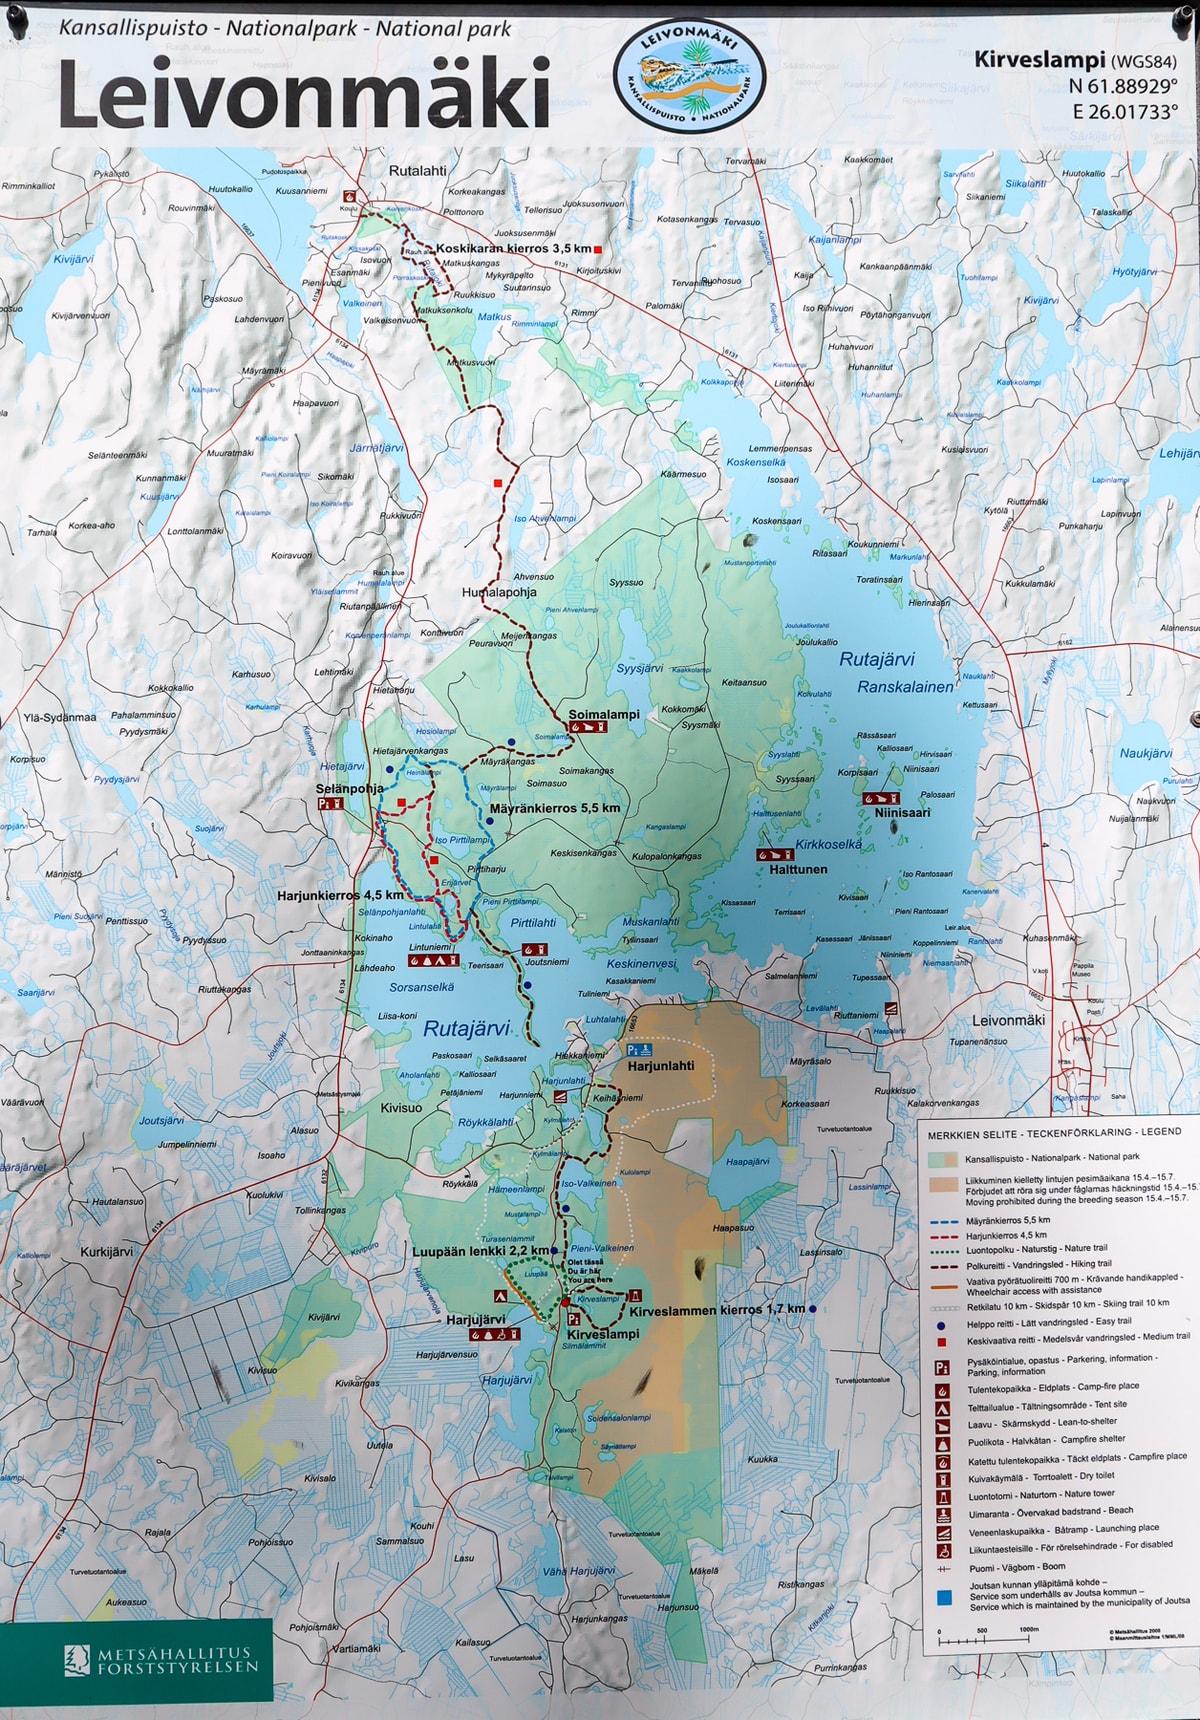 Leivonmäen kansallispuisto / kartta